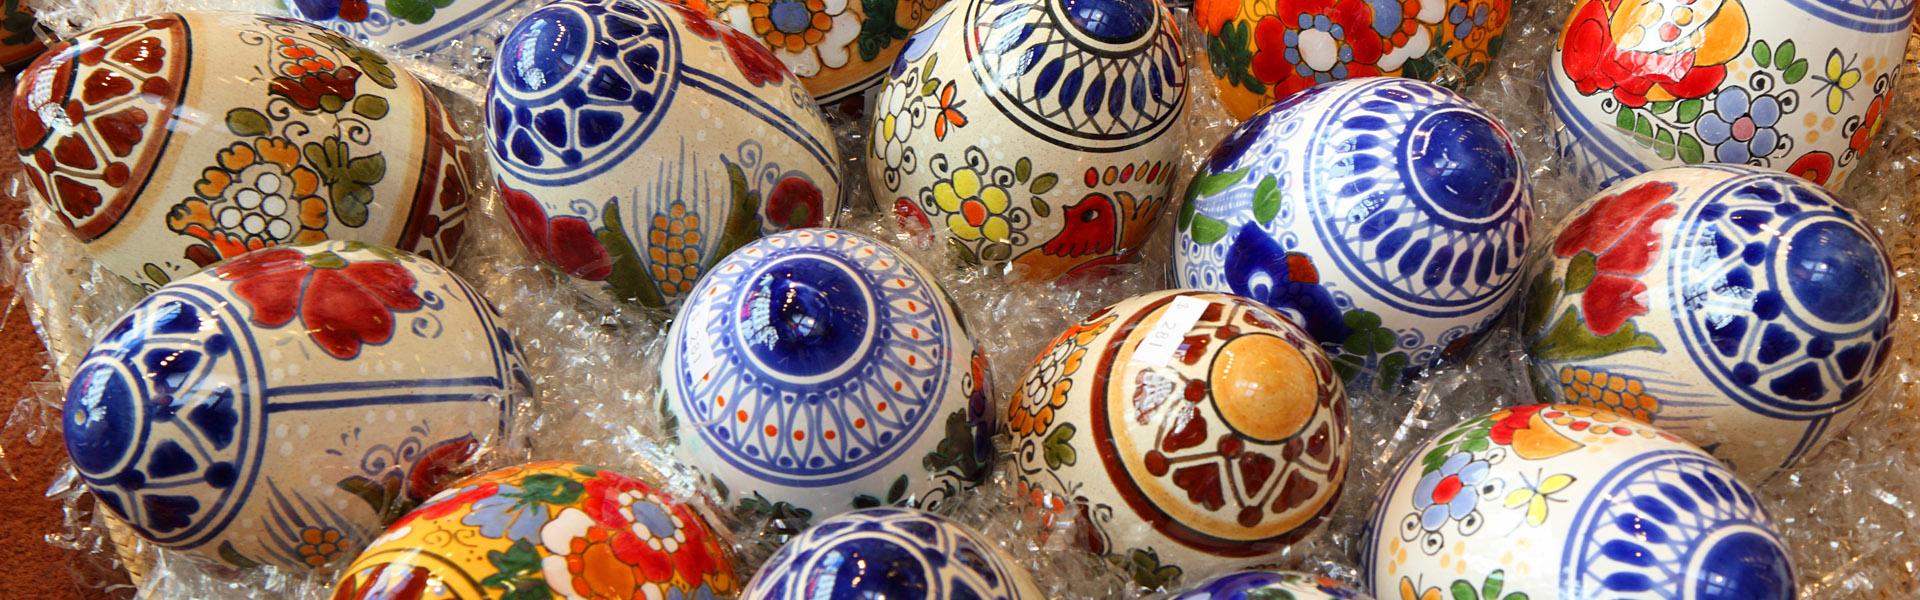 canasta1 ceramica bariloche